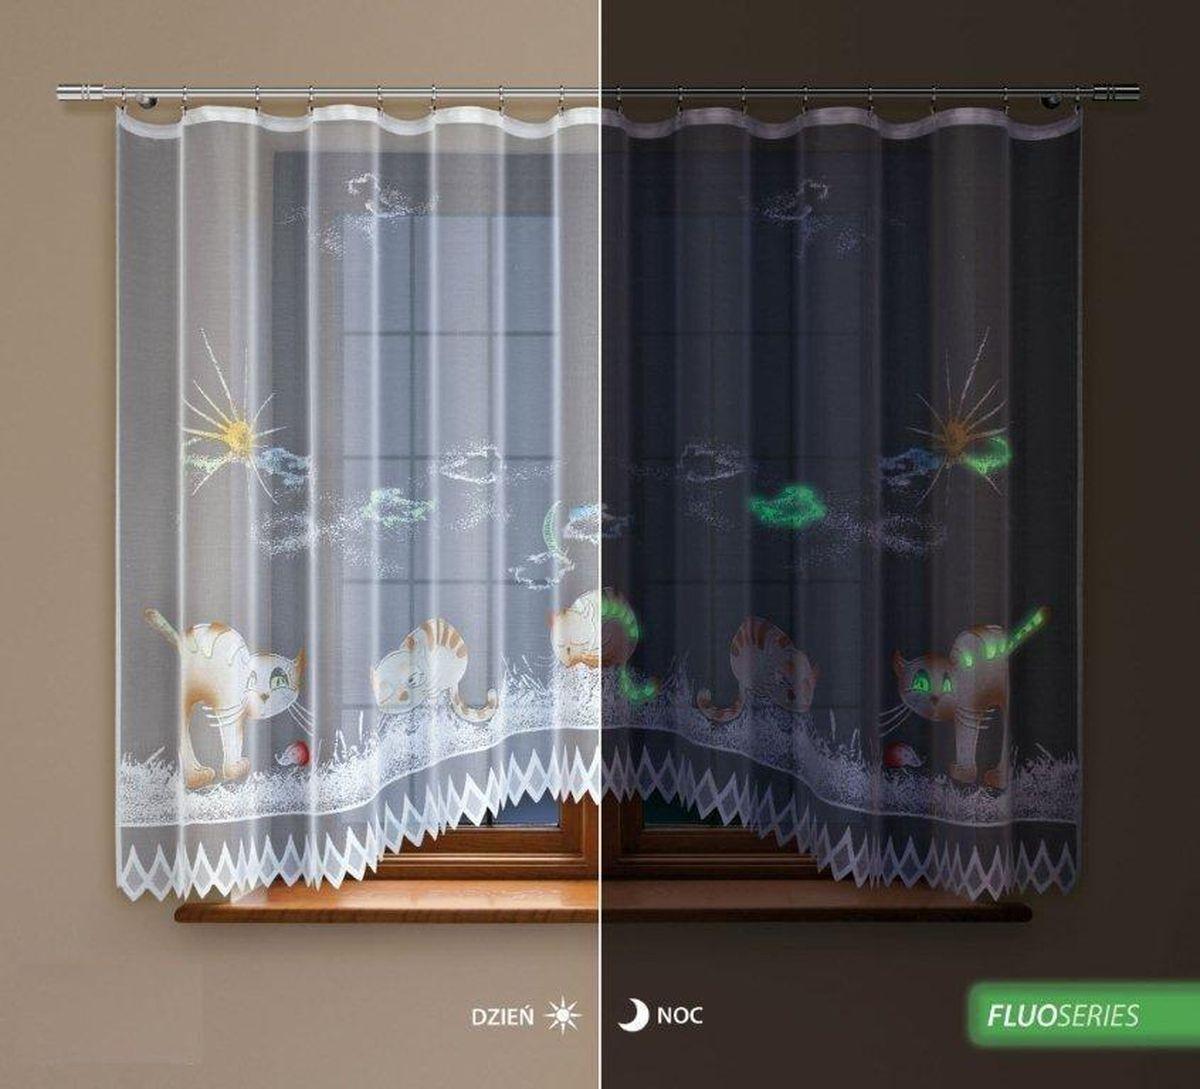 Гардина Haft Silver Line, флуоресцентная, цвет: белый, высота 160 см. 218440/160218440/160Гардина Haft Silver Line изготовлена из полиэстера. Изделие выполнено из сетчатого материала и украшено рисунком ручной раскраски, который светится ночью. Оригинальный дизайн и приятная цветовая гамма привлекут к себе внимание и органично впишутся в интерьер кухни. Оригинальное оформление гардины внесет разнообразие и подарит заряд положительного настроения. Гардина оснащена шторной лентой для красивой сборки. Размер гардины: 300 см х 160 см. Главный ассортимент компании Haft - это тюль и занавески. Haft предлагает готовые решения для ваших окон, выпуская готовые наборы штор, которые остается только распаковать и повесить. Модельный ряд отличает оригинальный дизайн, высокое качество. Занавески, шторы, гардины Haft долговечны, прочны, практически не сминаемы, они не притягивают пыль и за ними легко ухаживать. Вся продукция бренда Haft выполнена на современном оборудовании из лучших материалов.